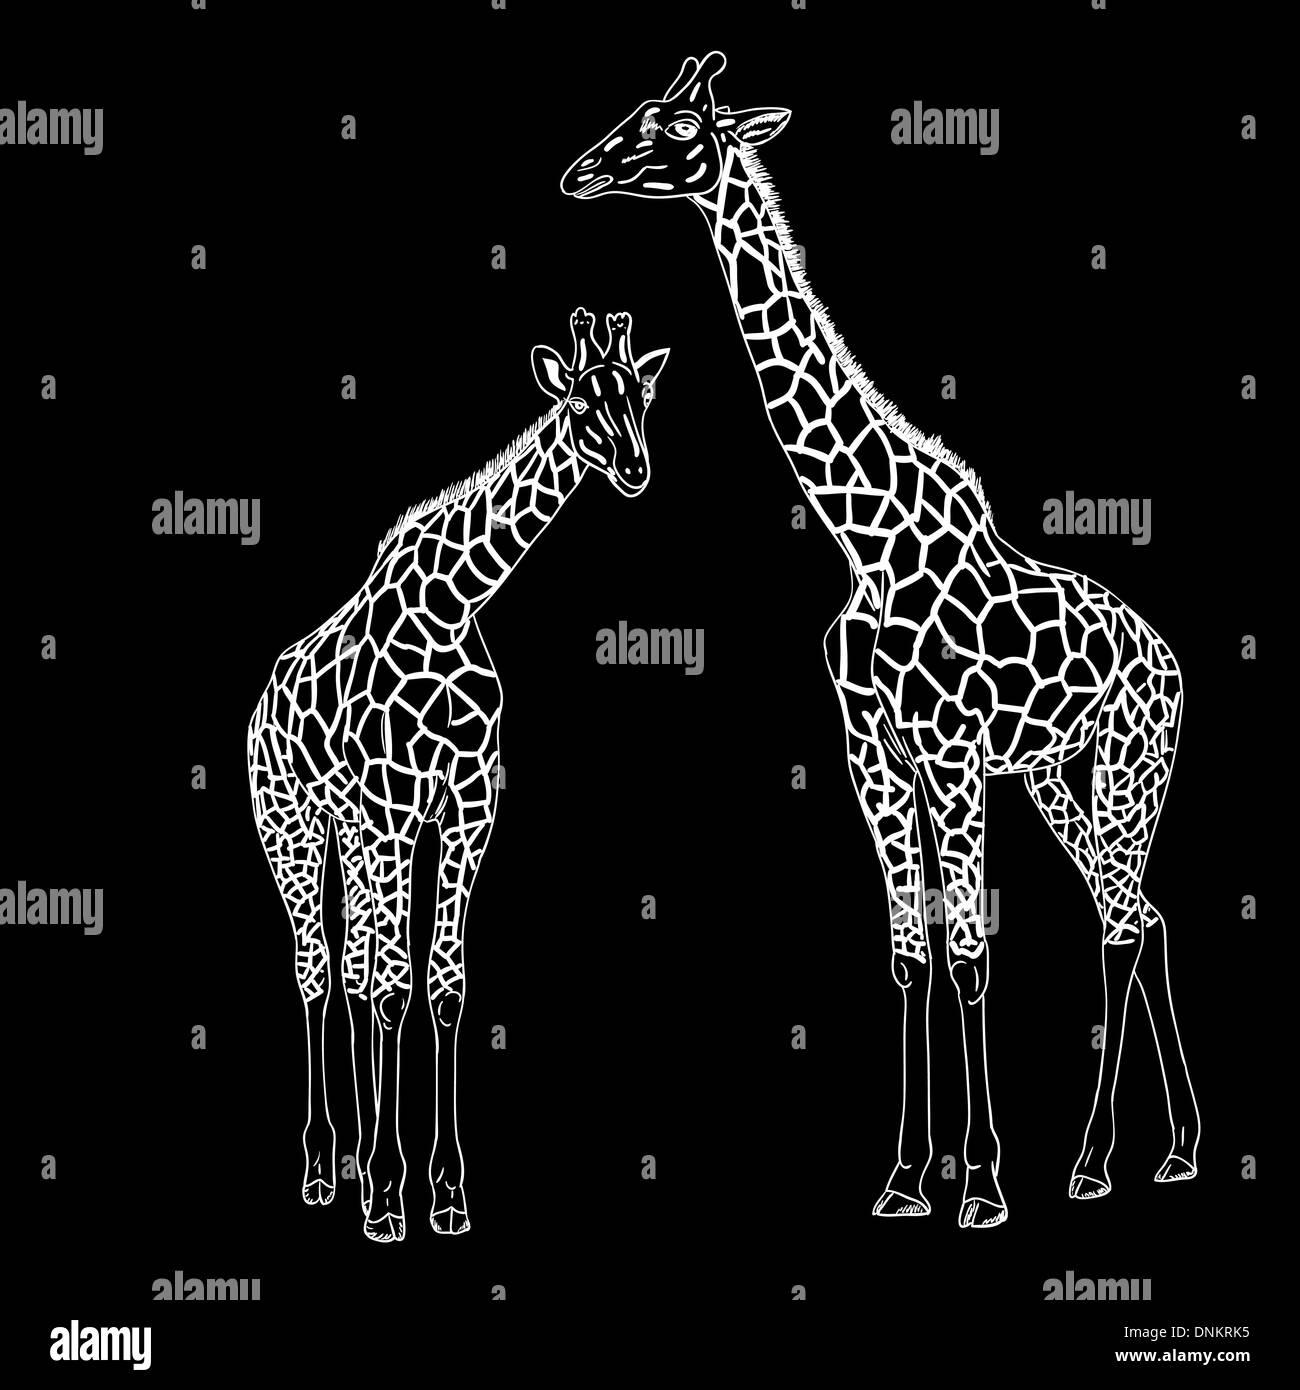 Zwei Giraffen. Vektor-Illustration. Stock Vektor